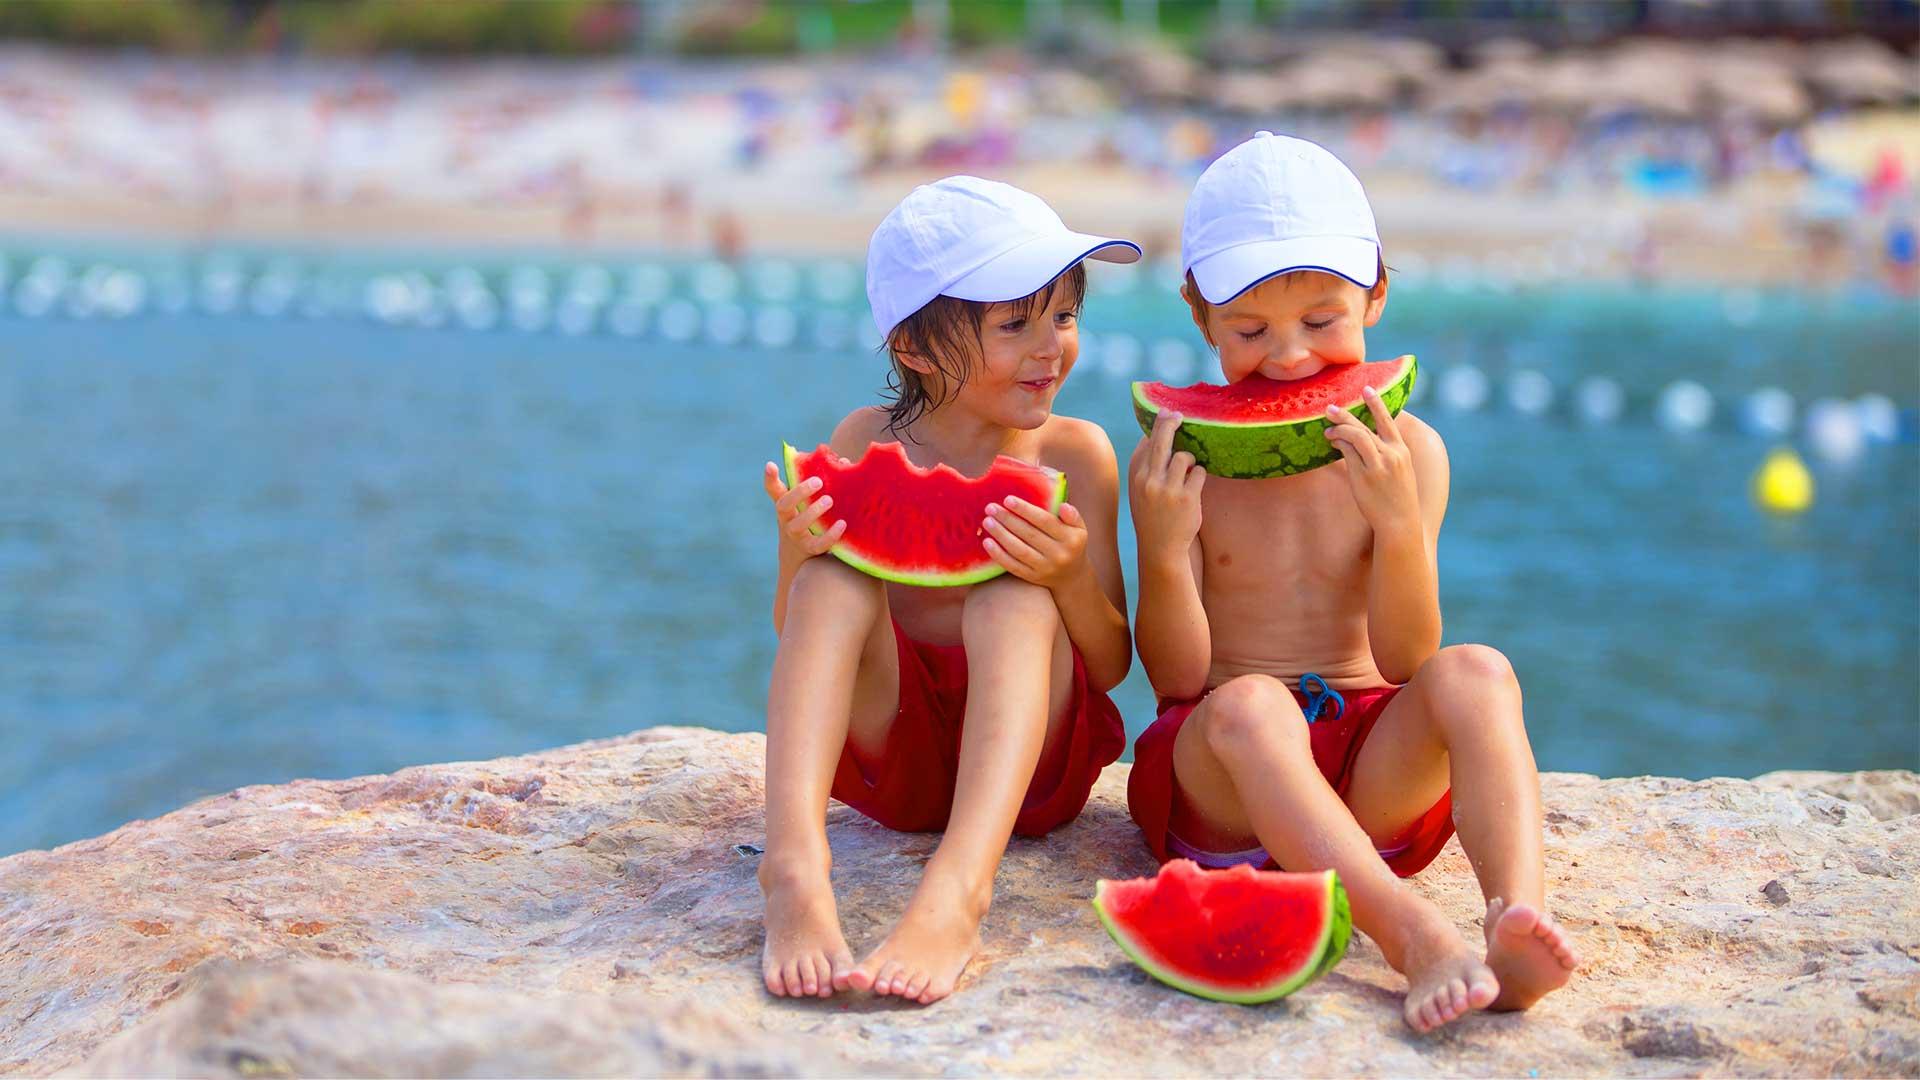 Prelazak na ljetnju sezonu Dijeca jedu lubenicu na kamenoj plaži more blog